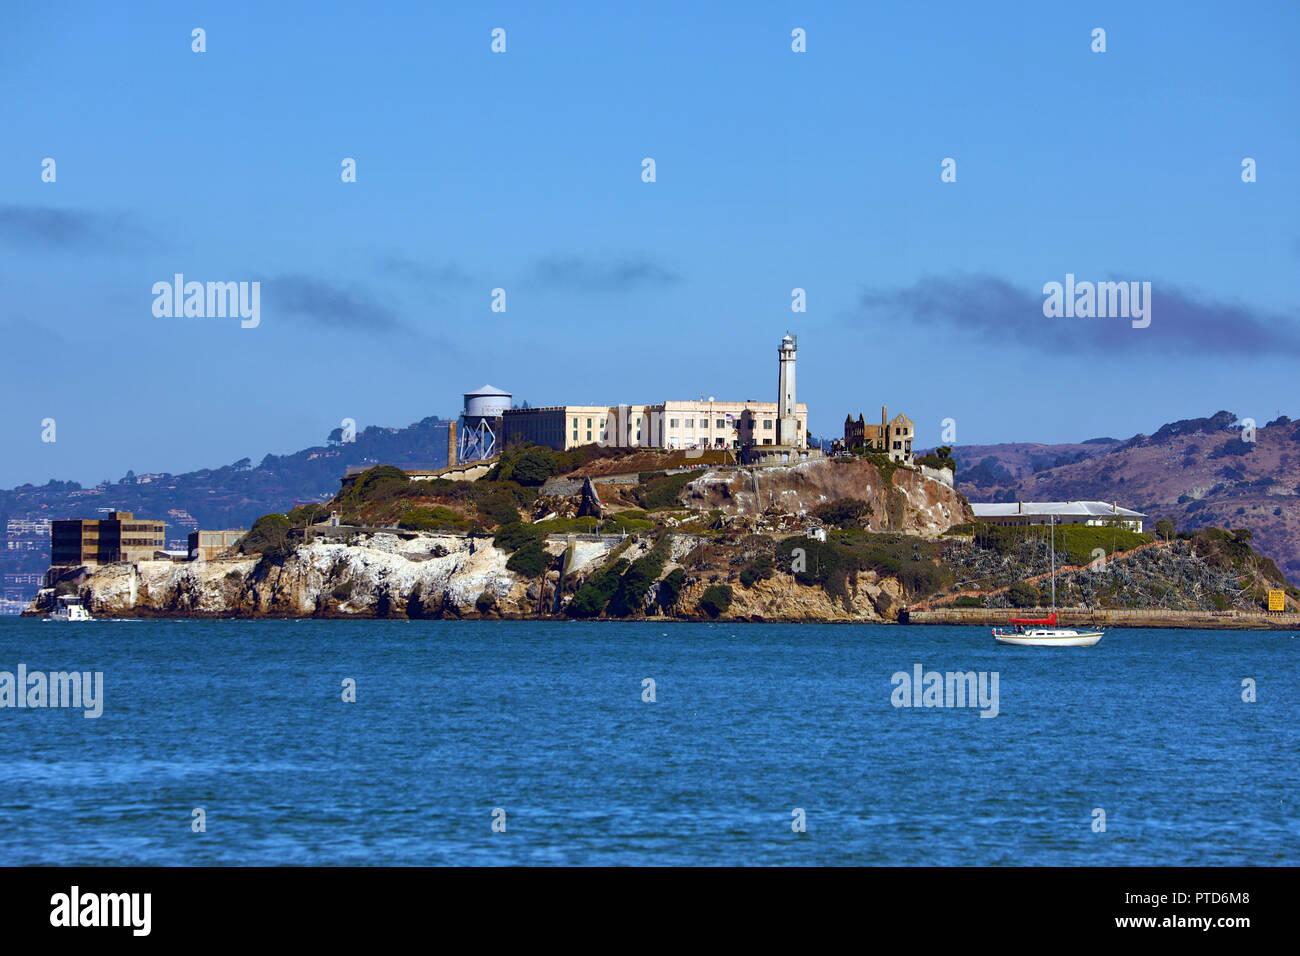 Alcatraz Island and Prison in San Franciso, California, USA - Stock Image